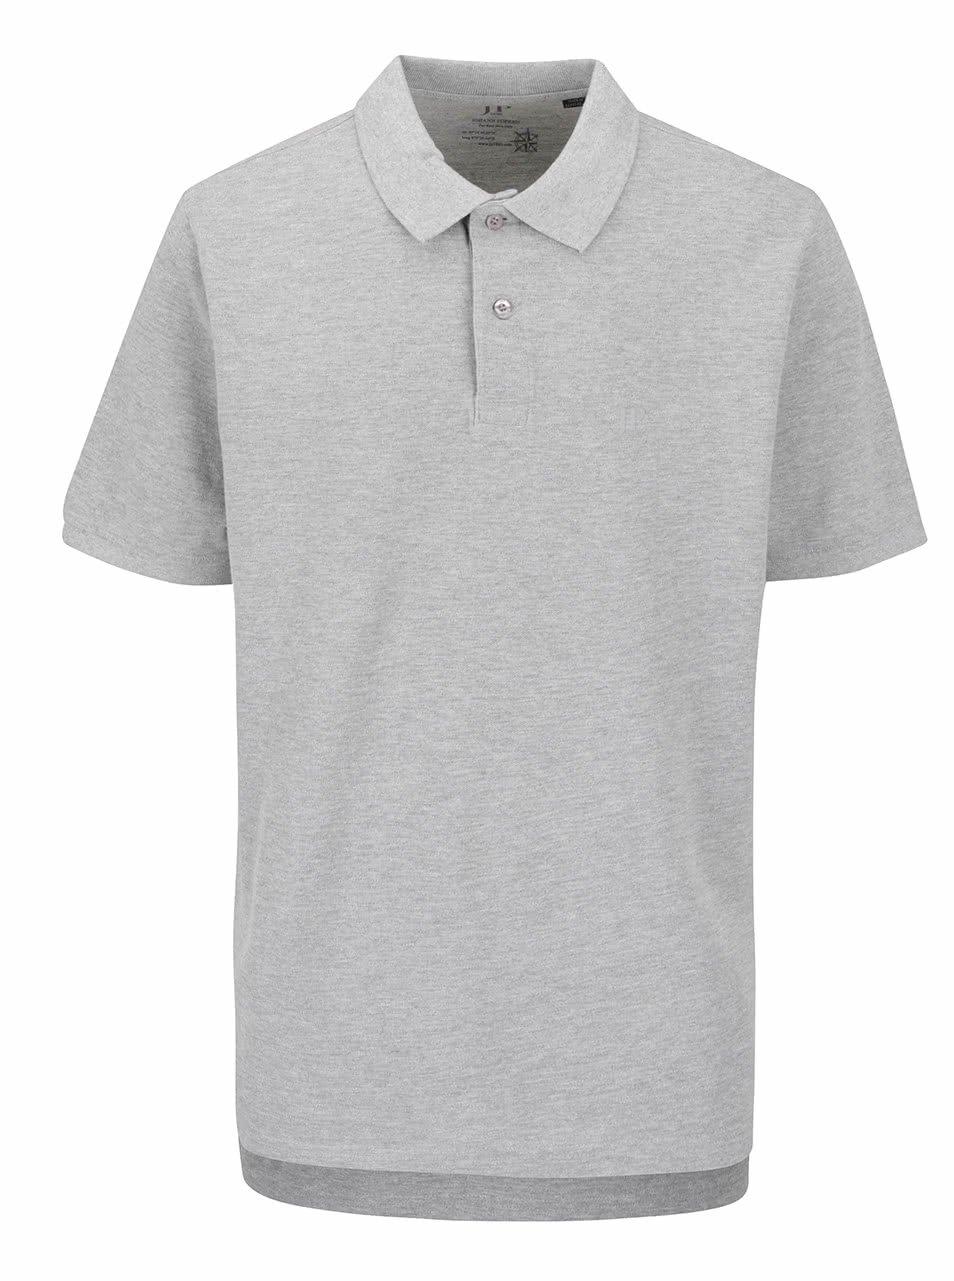 šedé polo tričko JP 1880